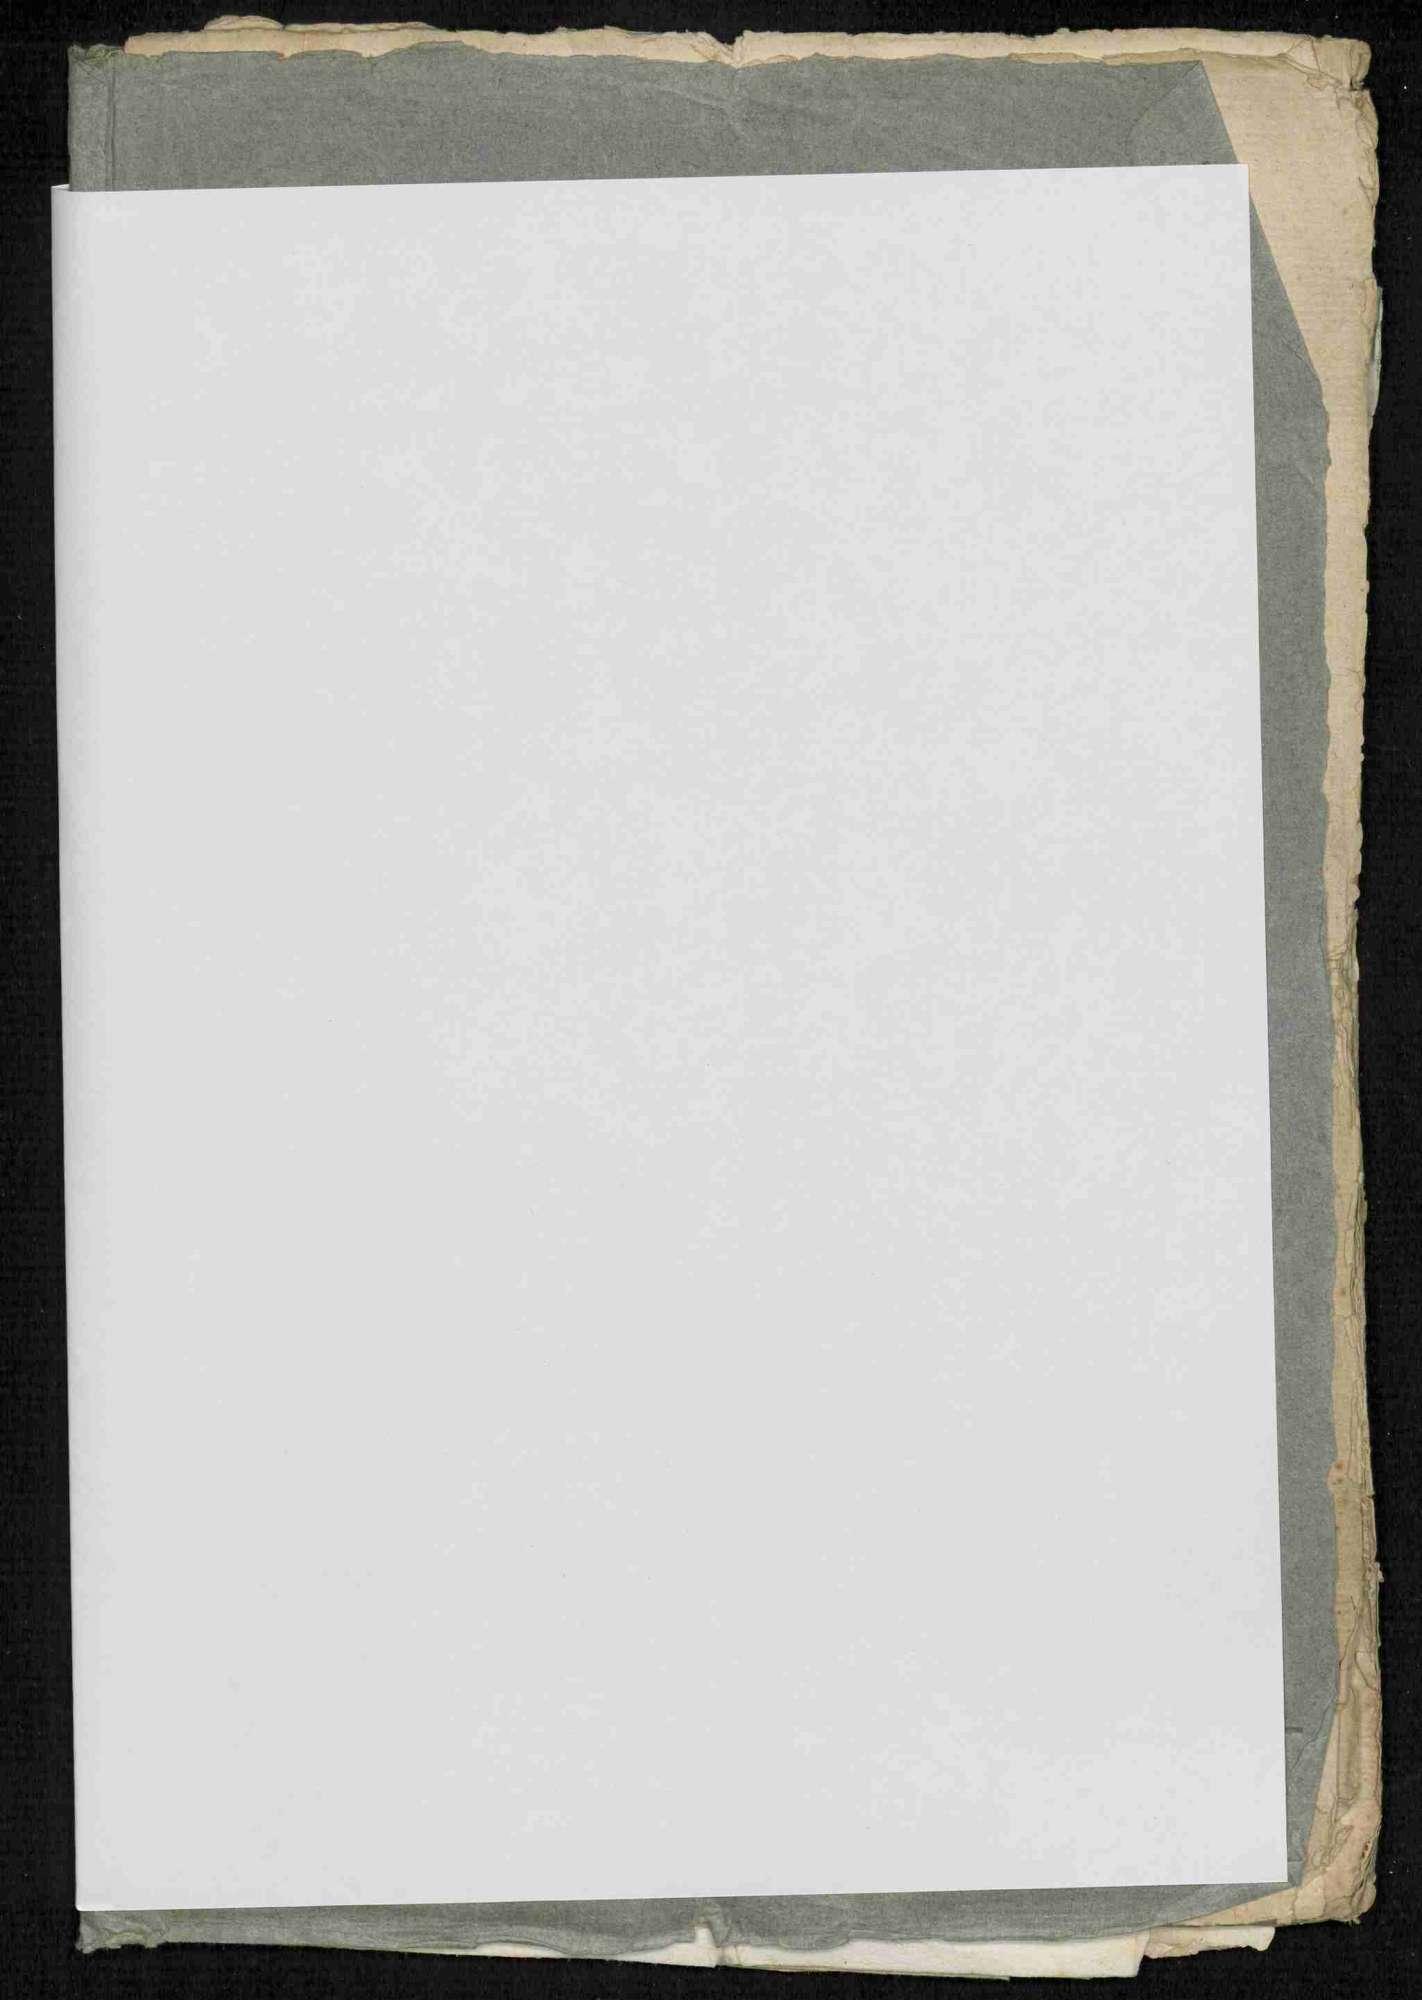 Entschädigungsklage der Herzogin Sabina von Württemberg, Herzog Ulrichs Gemahlin, wegen des in ihrem Widdumschloss zu Waiblingen erlittenen Schadens; Entschädigungsforderungen des Georg Staufer von Bloßenstaufen wegen Plünderung und Verbrennung des Schlosses Hohenstaufen, Bild 2